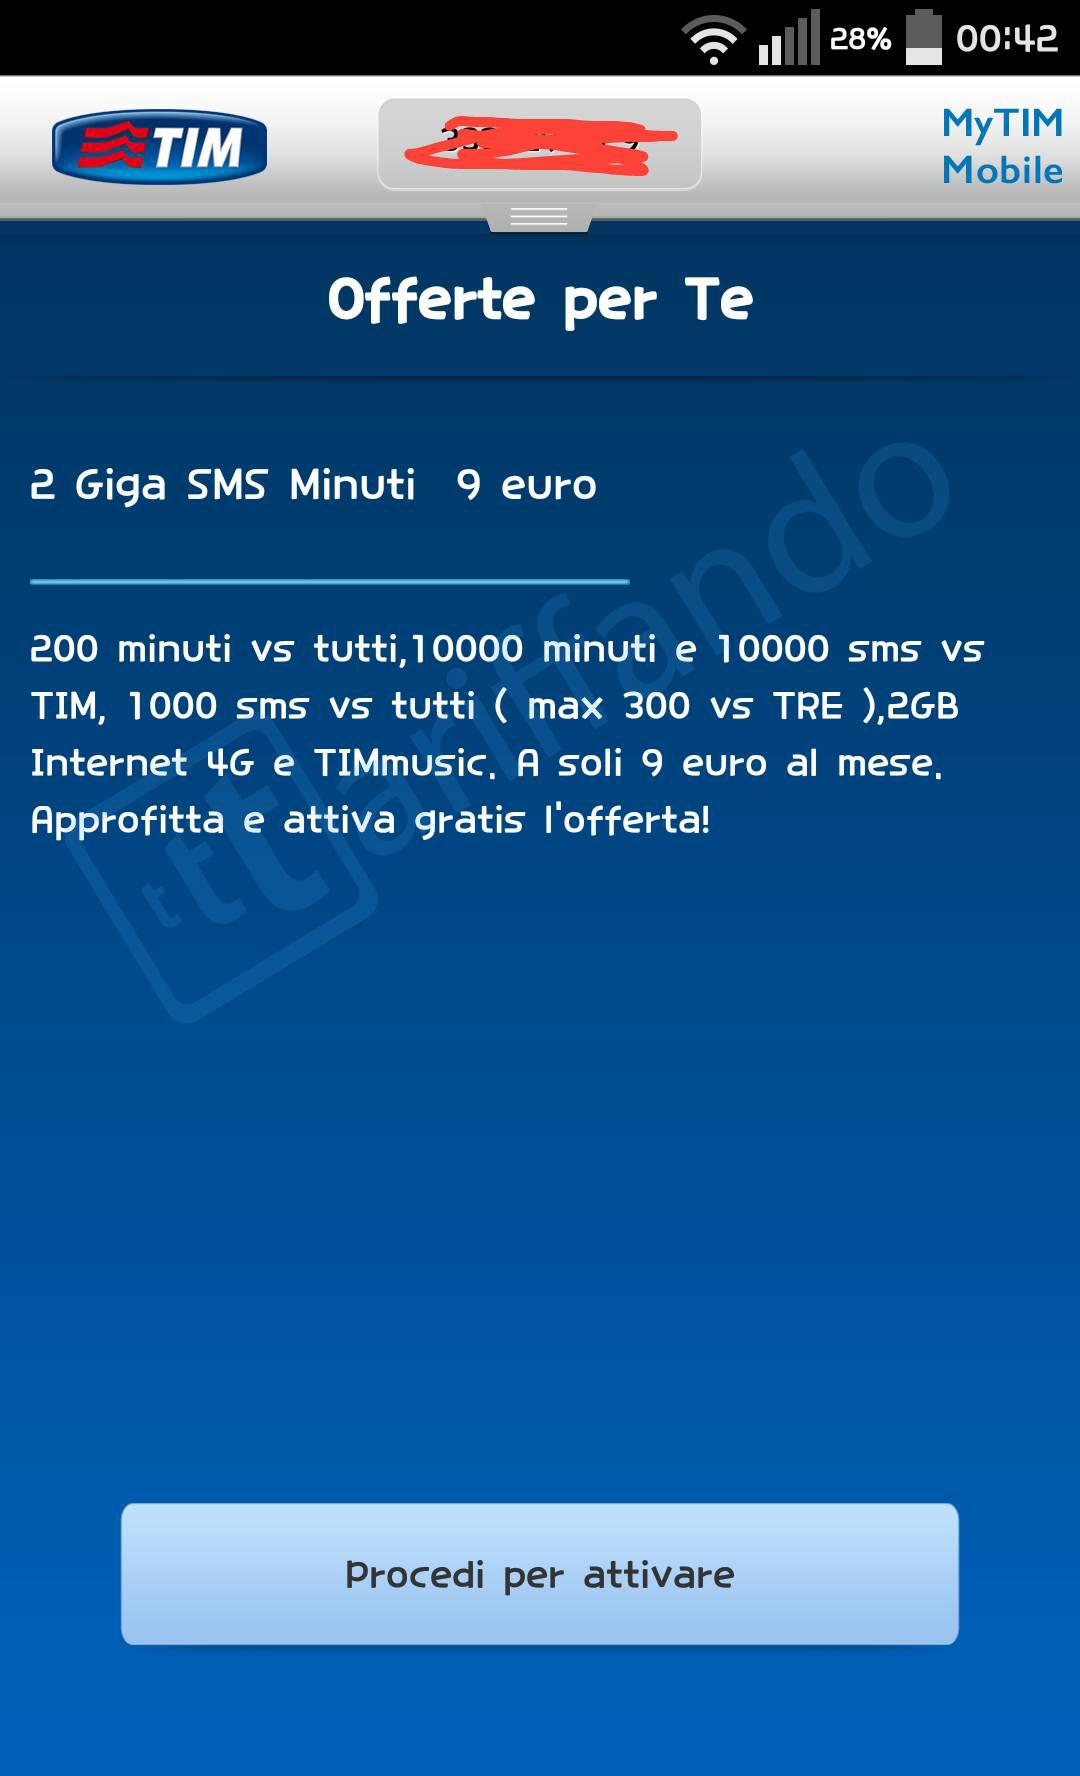 TIM 2 Giga SMS Minuti